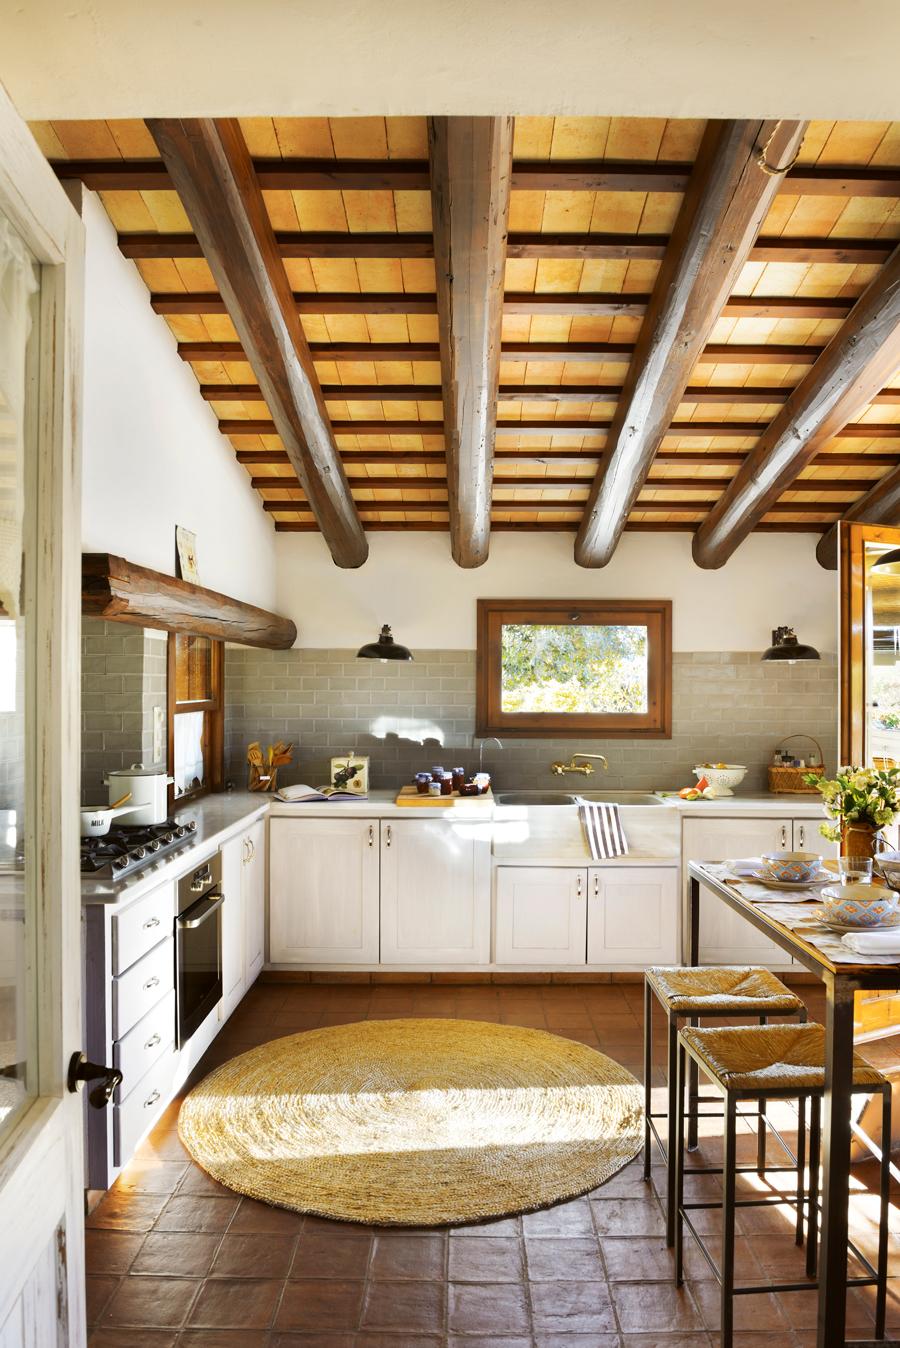 20 cocinas r sticas bonitas con muebles vintage y mucho for Como decorar una cocina rustica pequena